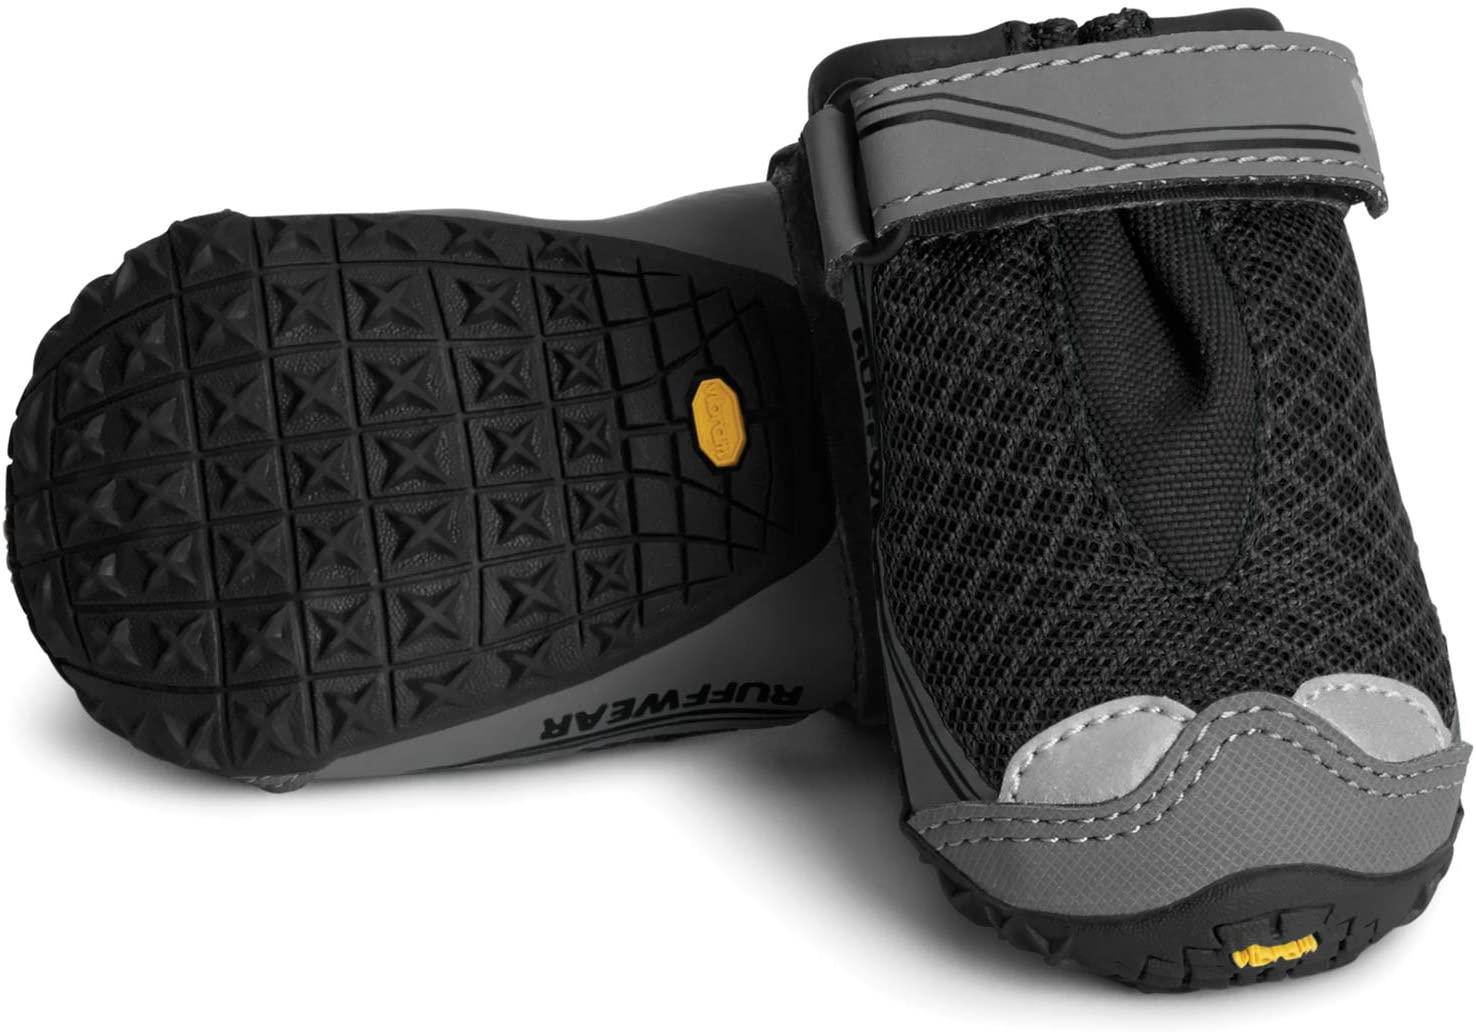 Ruffwear Grip Trex - set of 2 - Obsidian Black